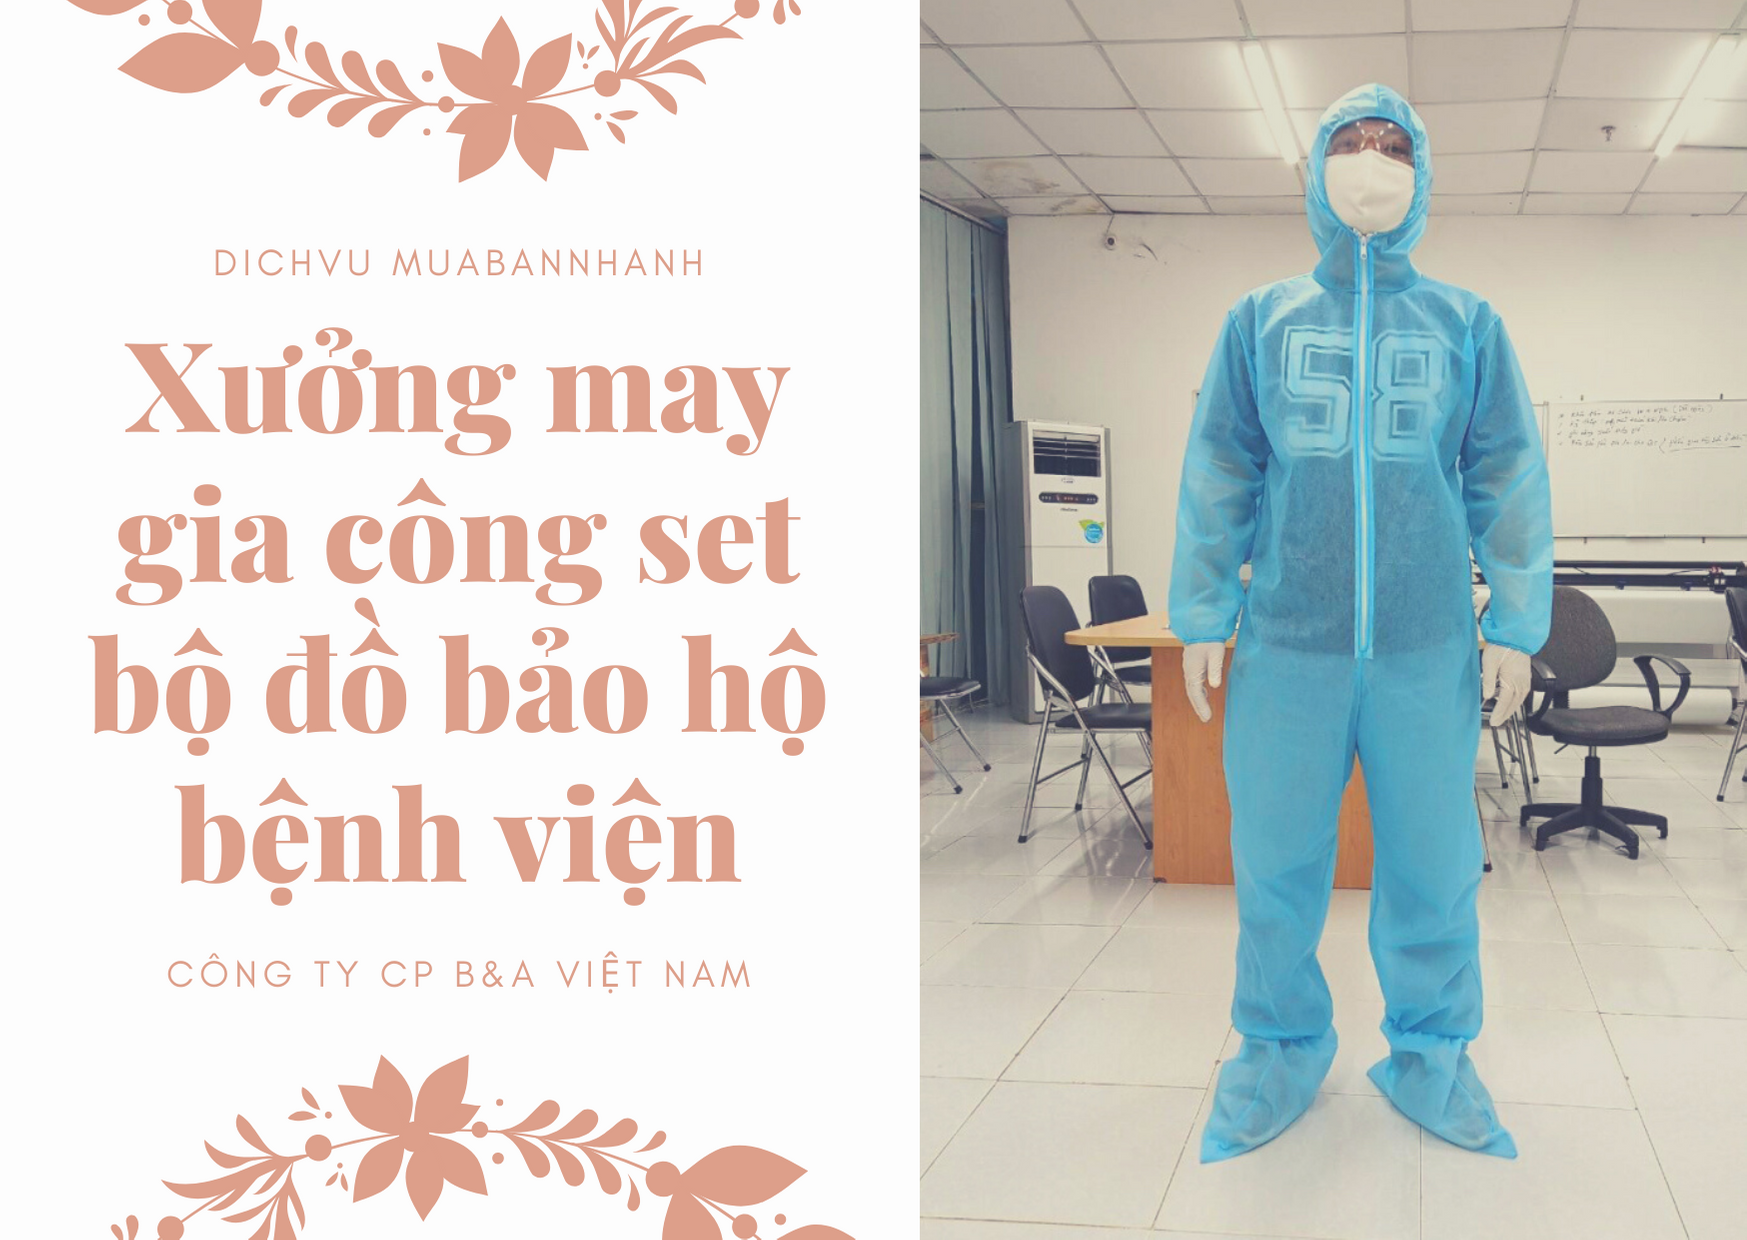 Xưởng may gia công set bộ đồ bảo hộ dùng một lần phòng chống dịch